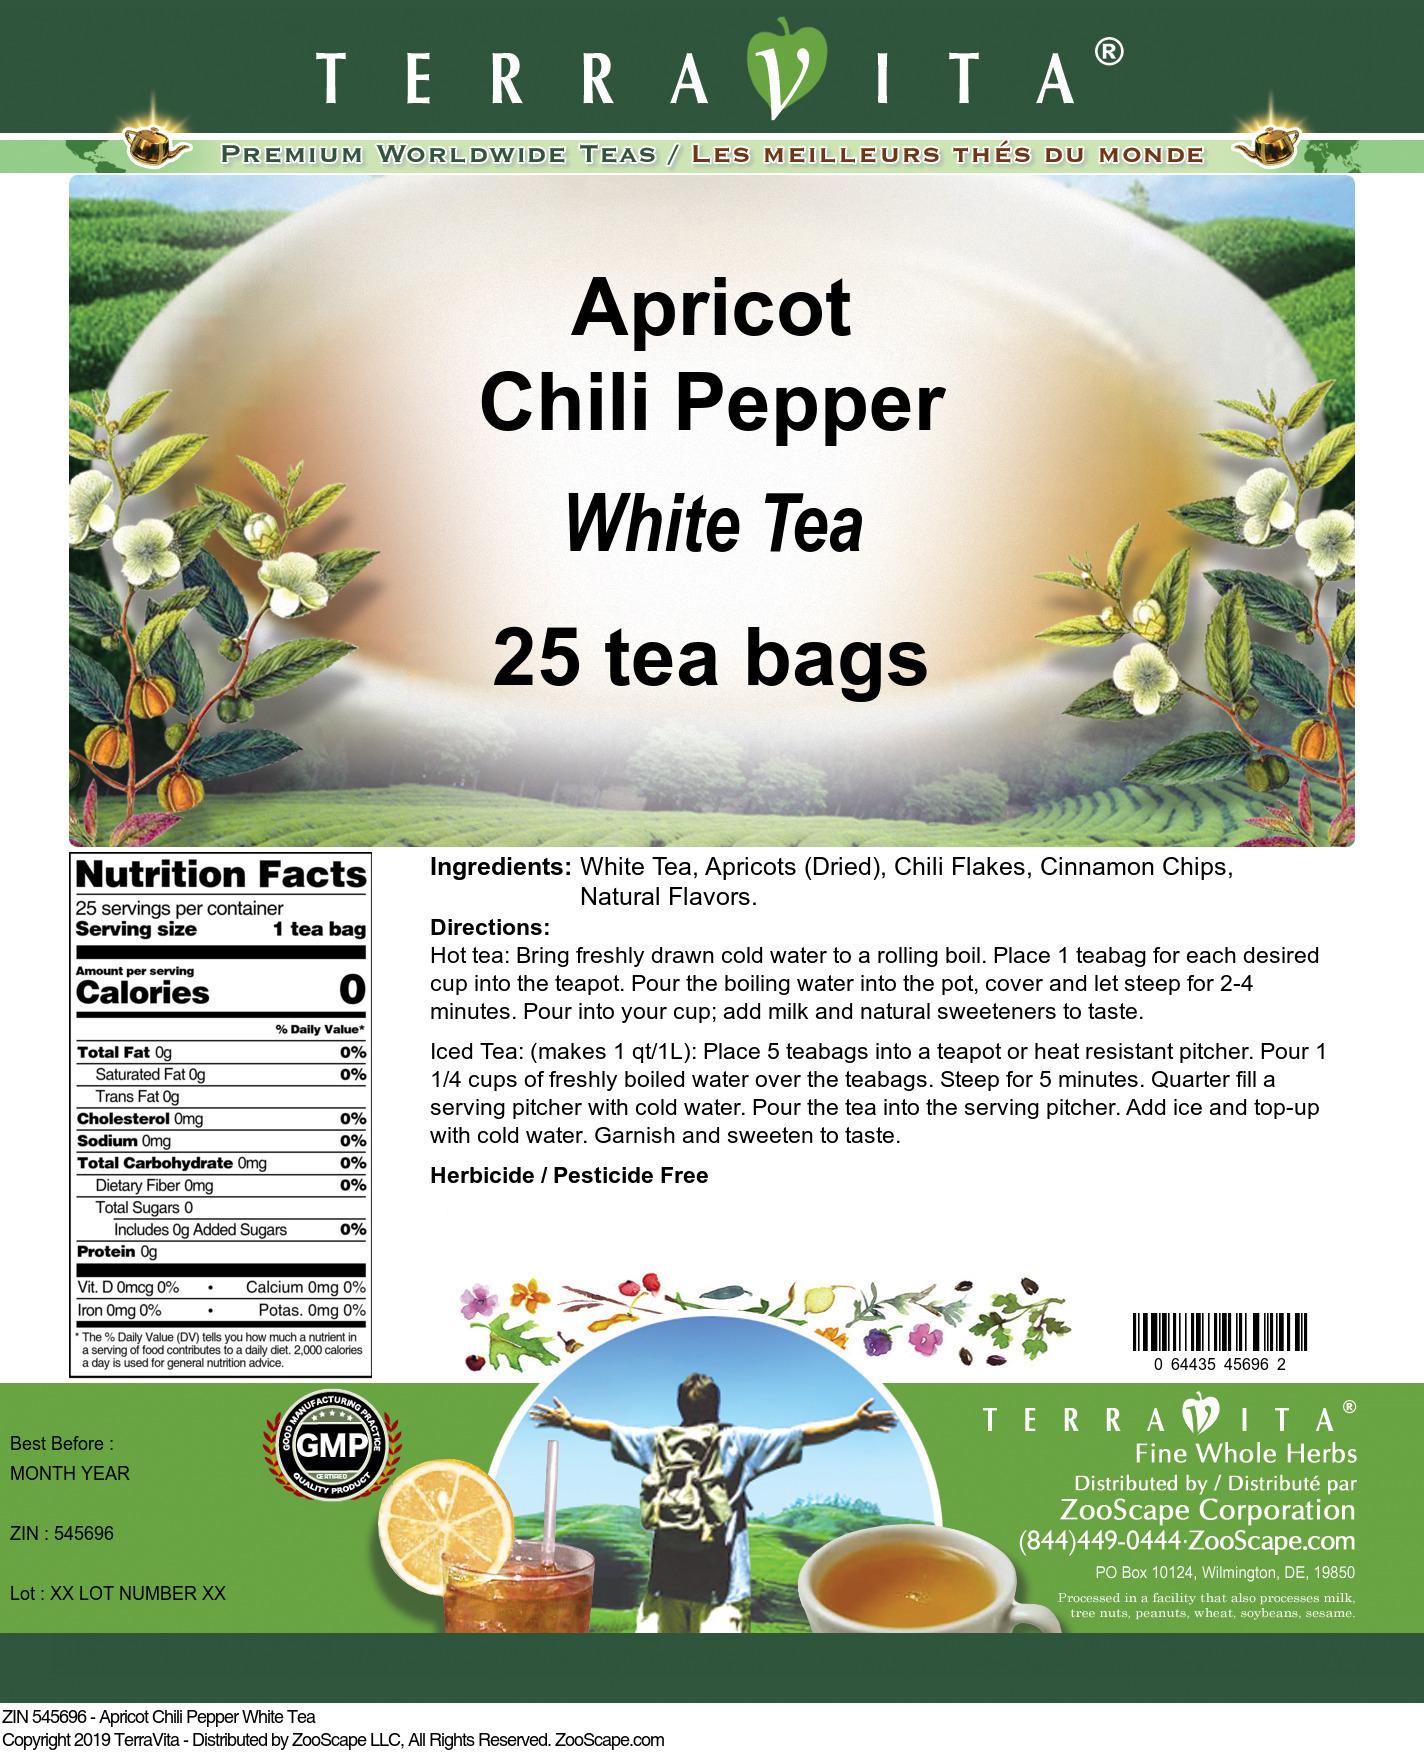 Apricot Chili Pepper White Tea